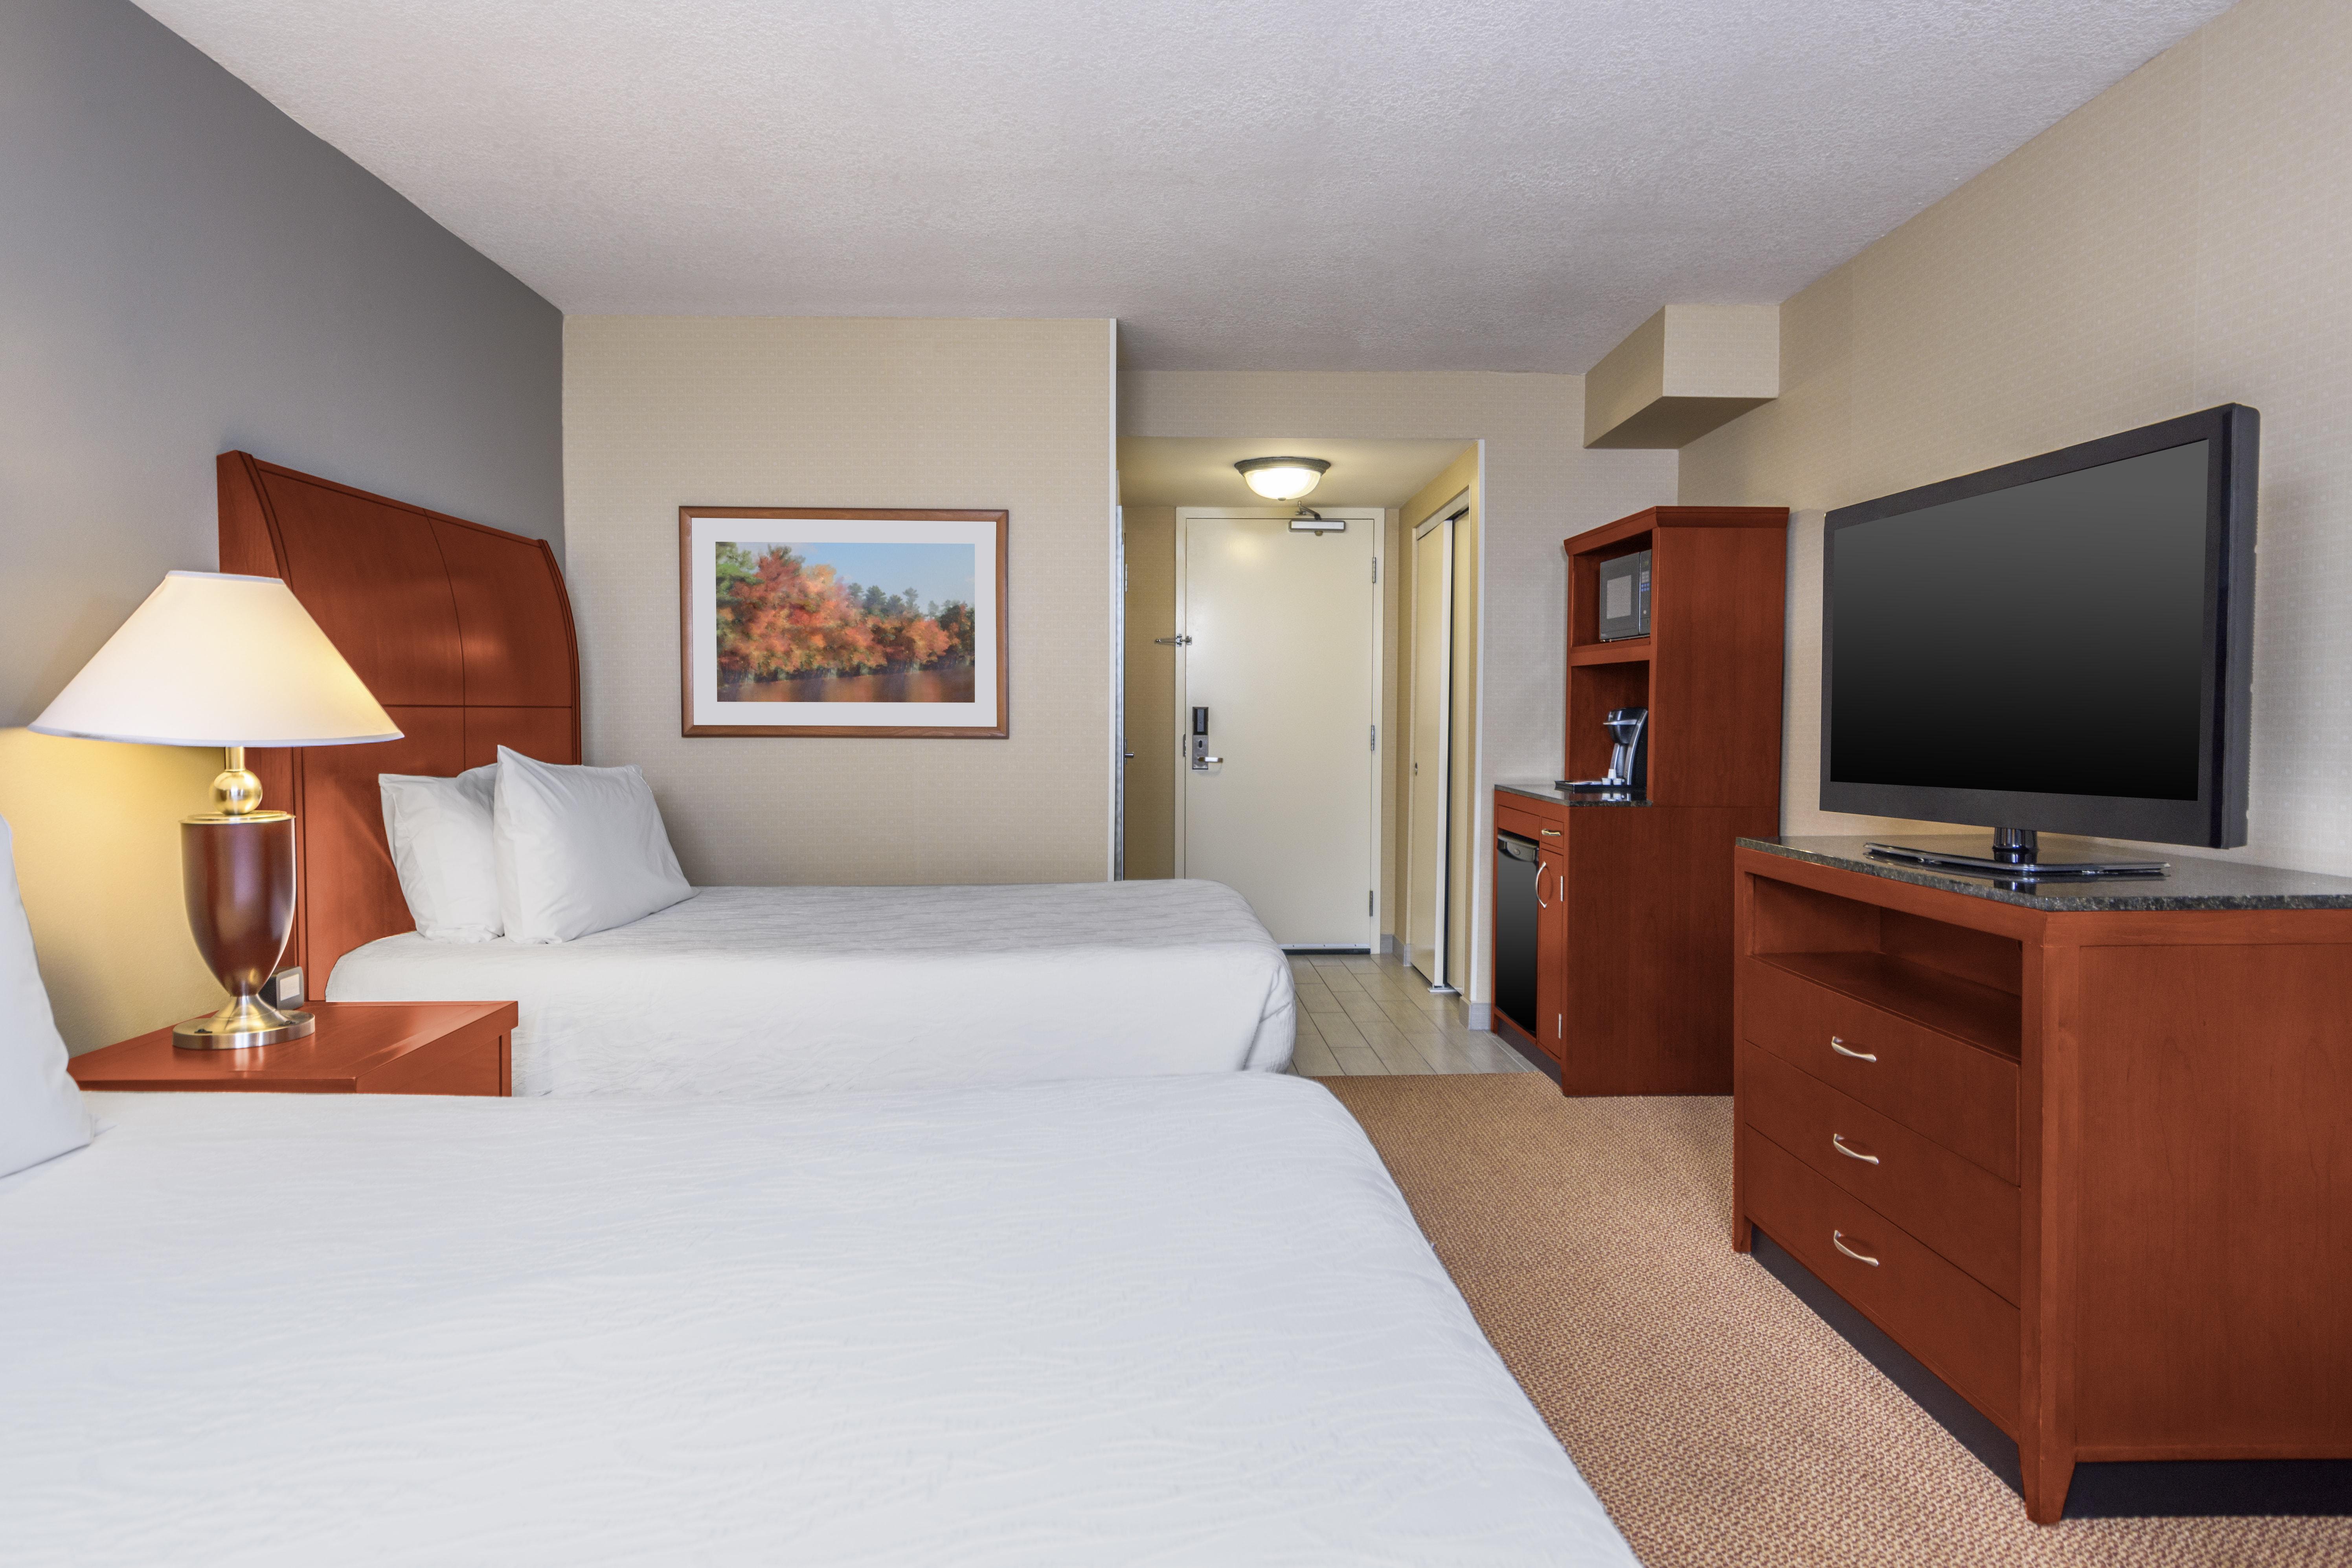 https://www.hotelsbyday.com/_data/default-hotel_image/3/16023/dsc-6588-hdra.jpg